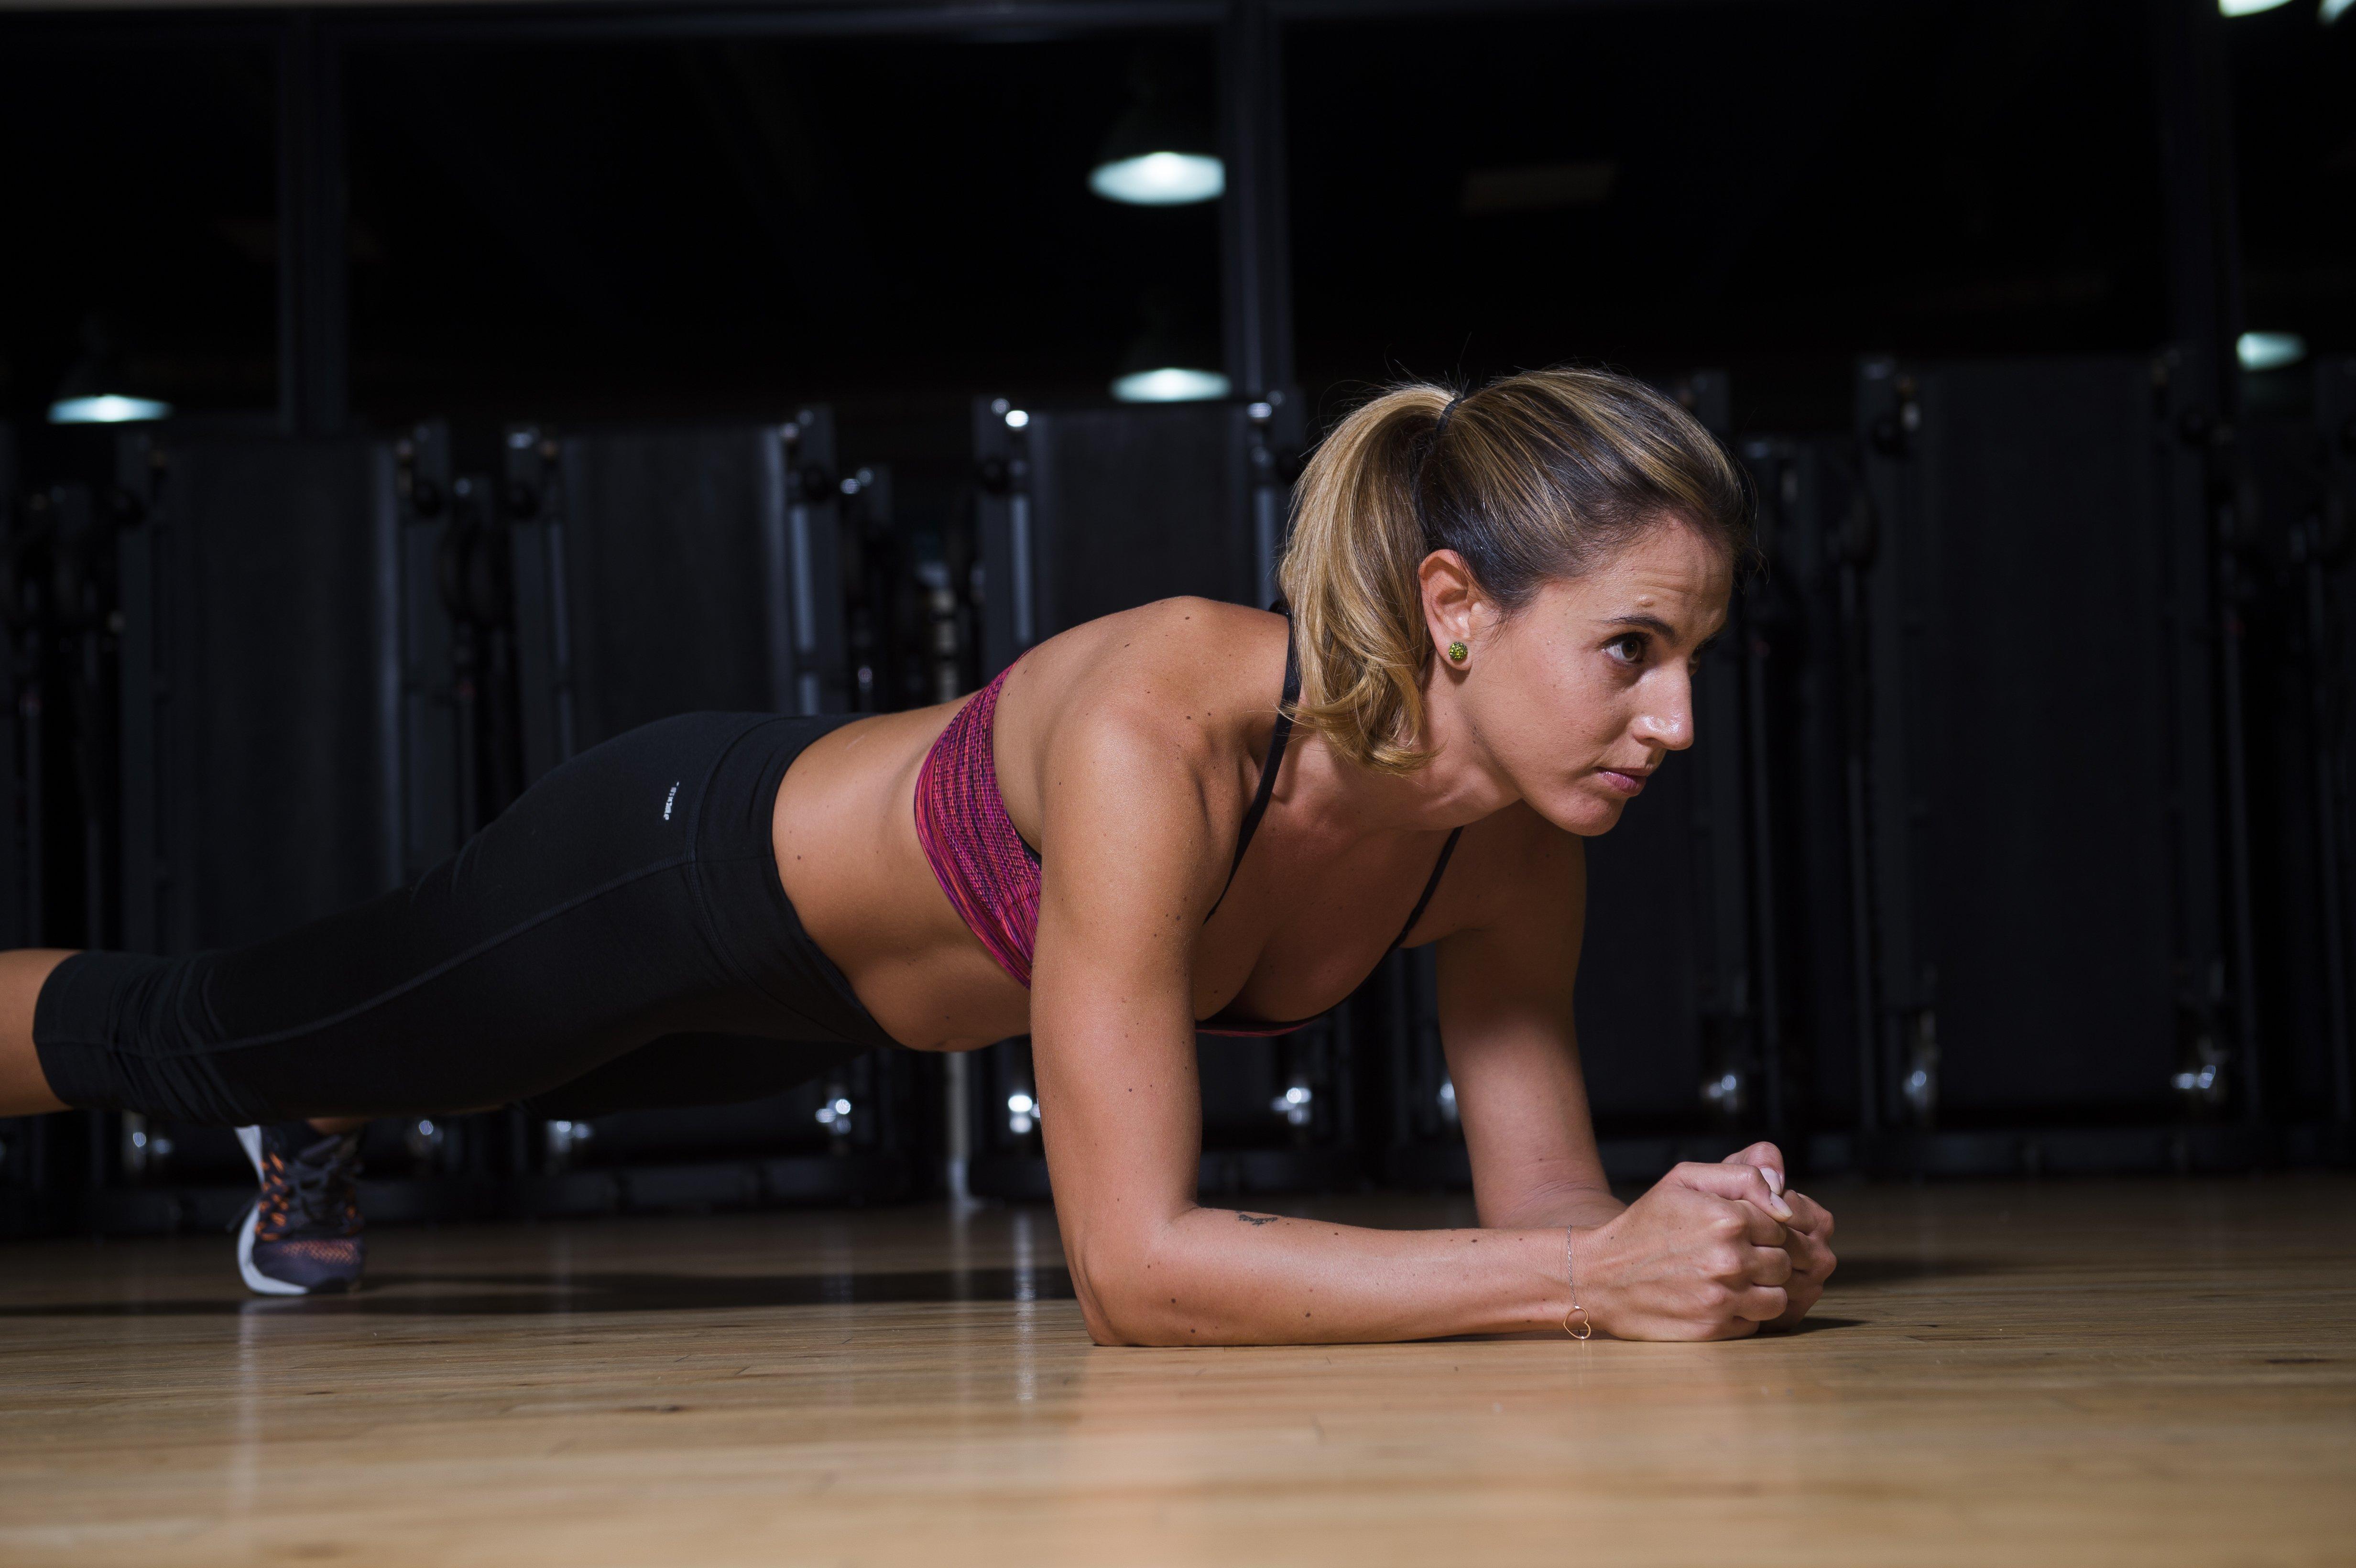 Attività a corpo libero: 10 esercizi per la coordinazione e la tonicità muscolare  Continua